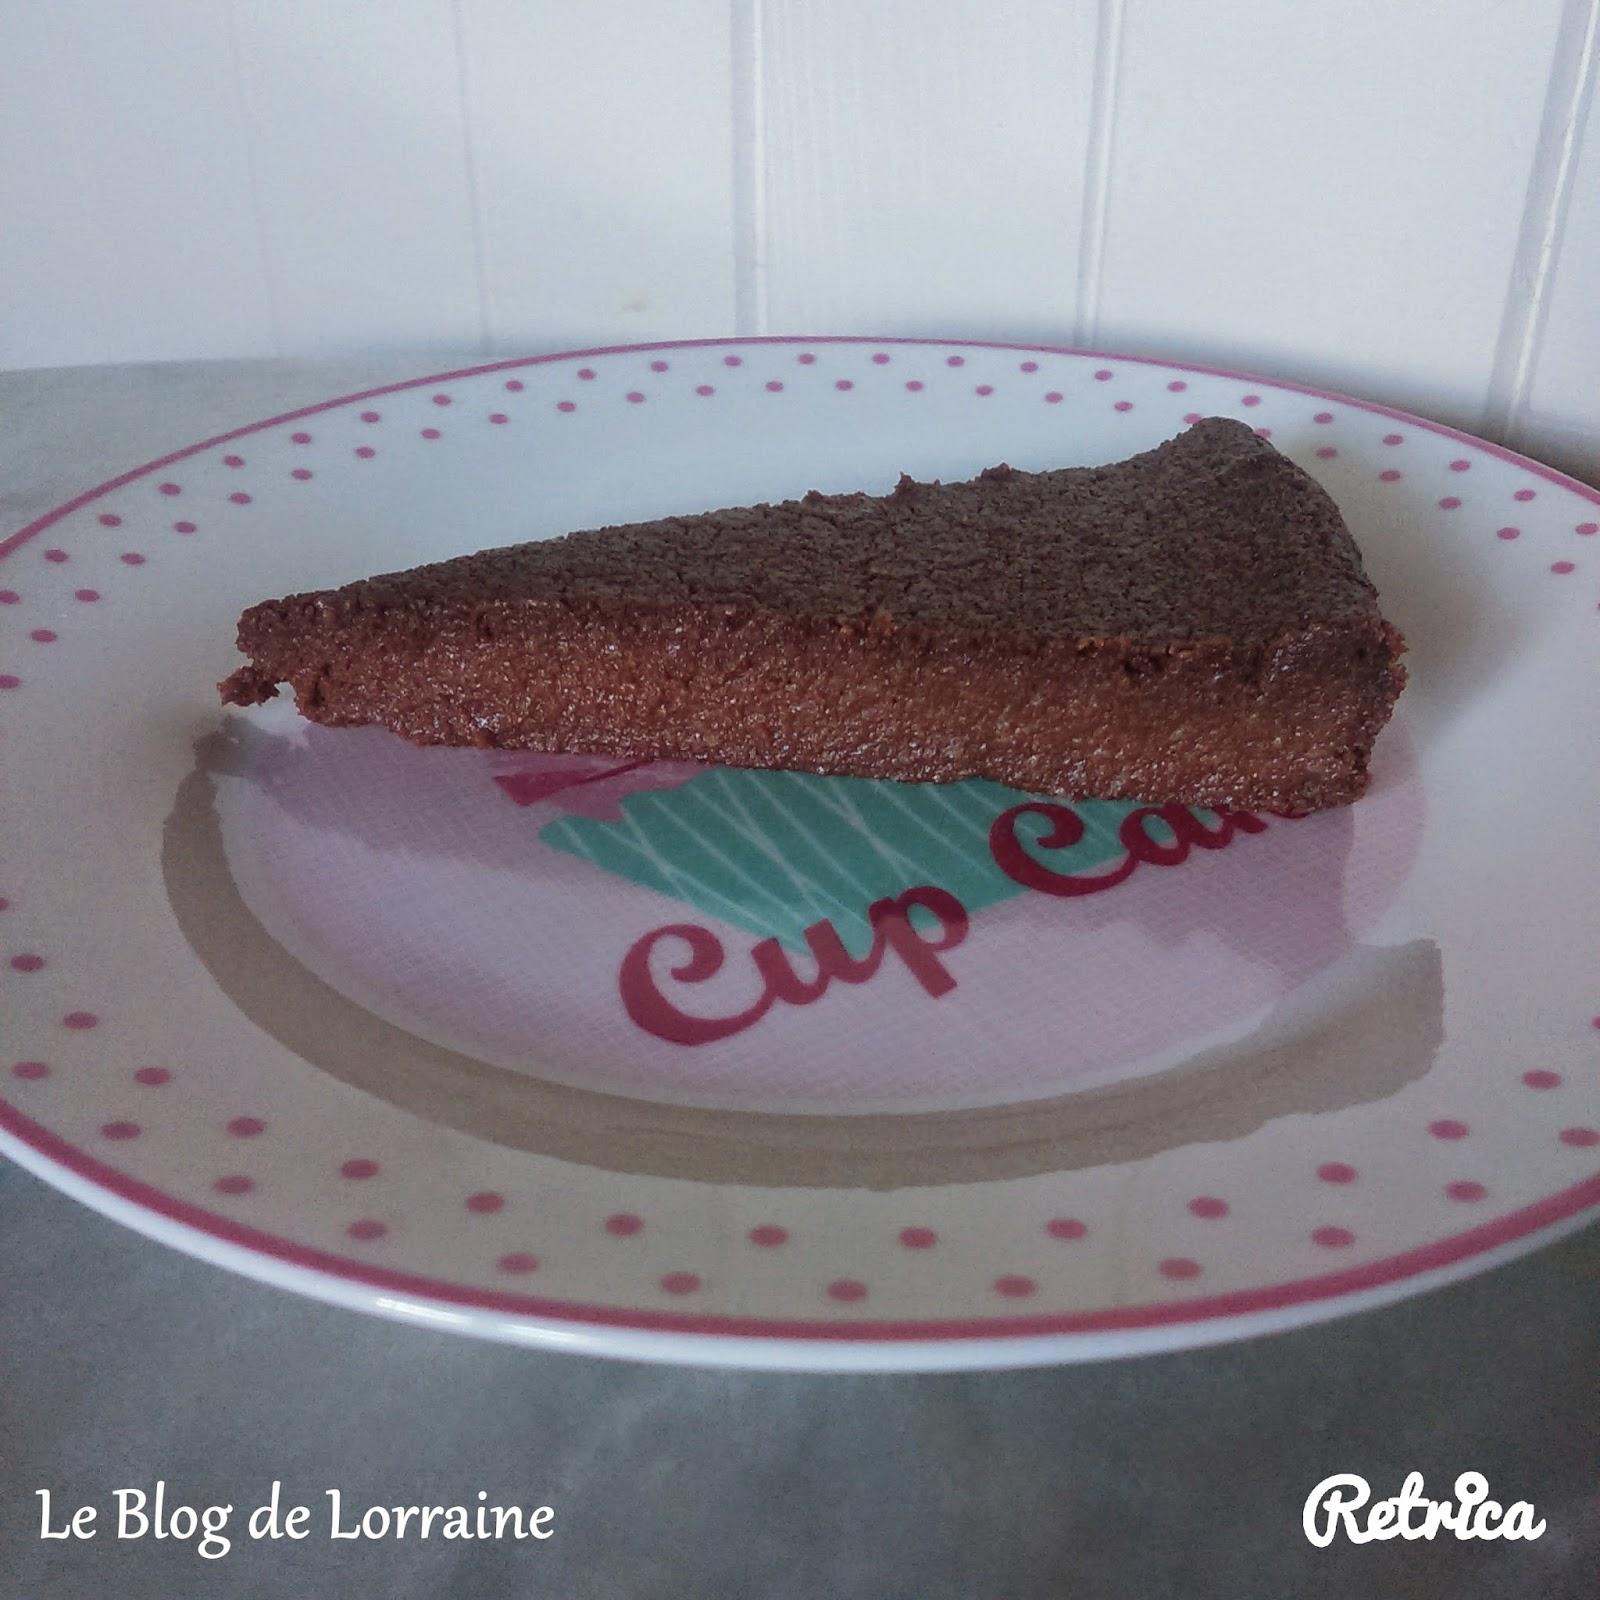 Le blog de lorraine g teau au chocolat healthy sans gluten sans plv sans oeufs sans - Gateau au chocolat healthy ...